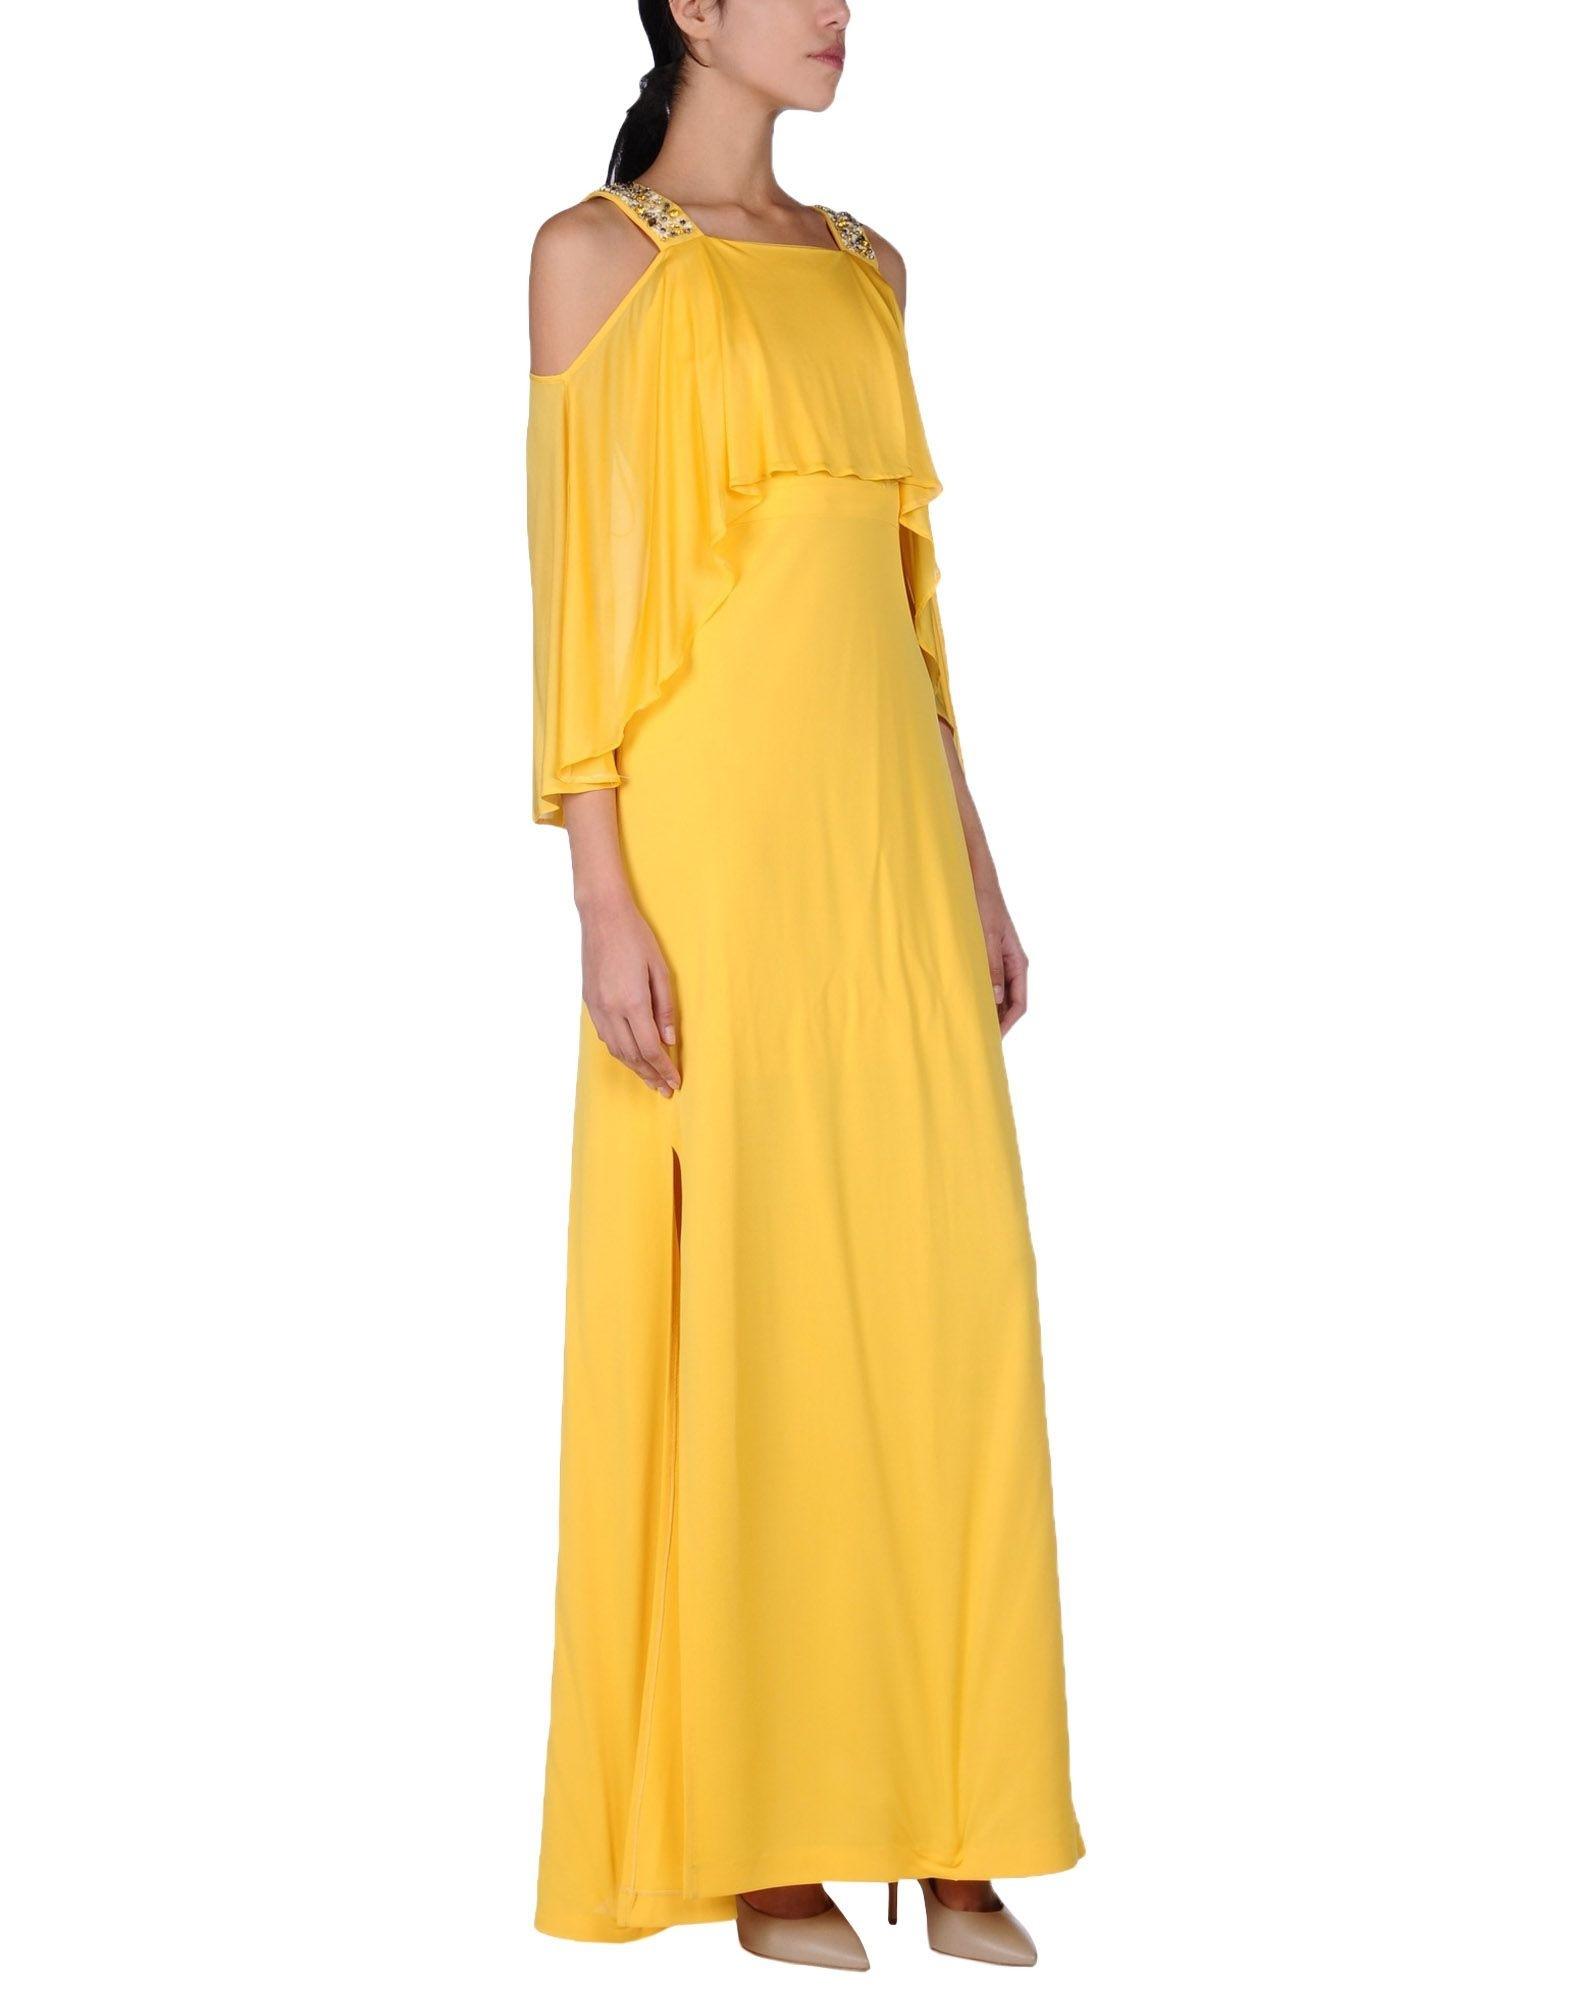 13 Einfach Kleid Gelb Spezialgebiet Top Kleid Gelb Ärmel